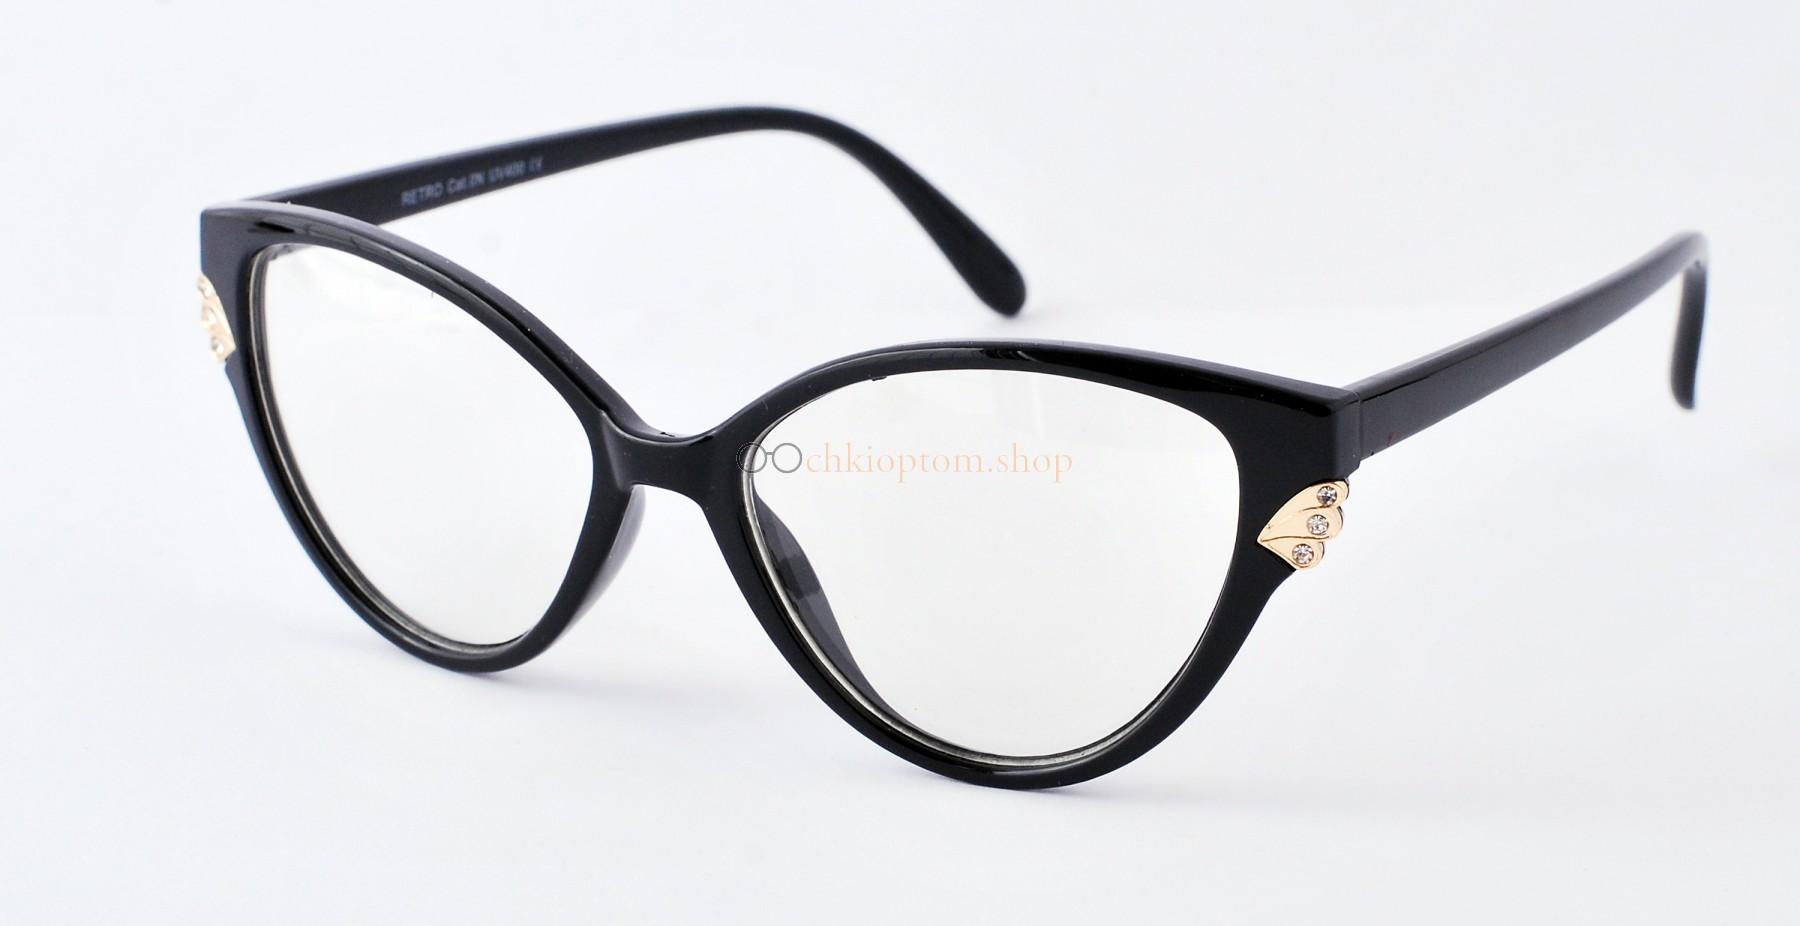 Смотреть фото Женские Oчки Brand frame 3040